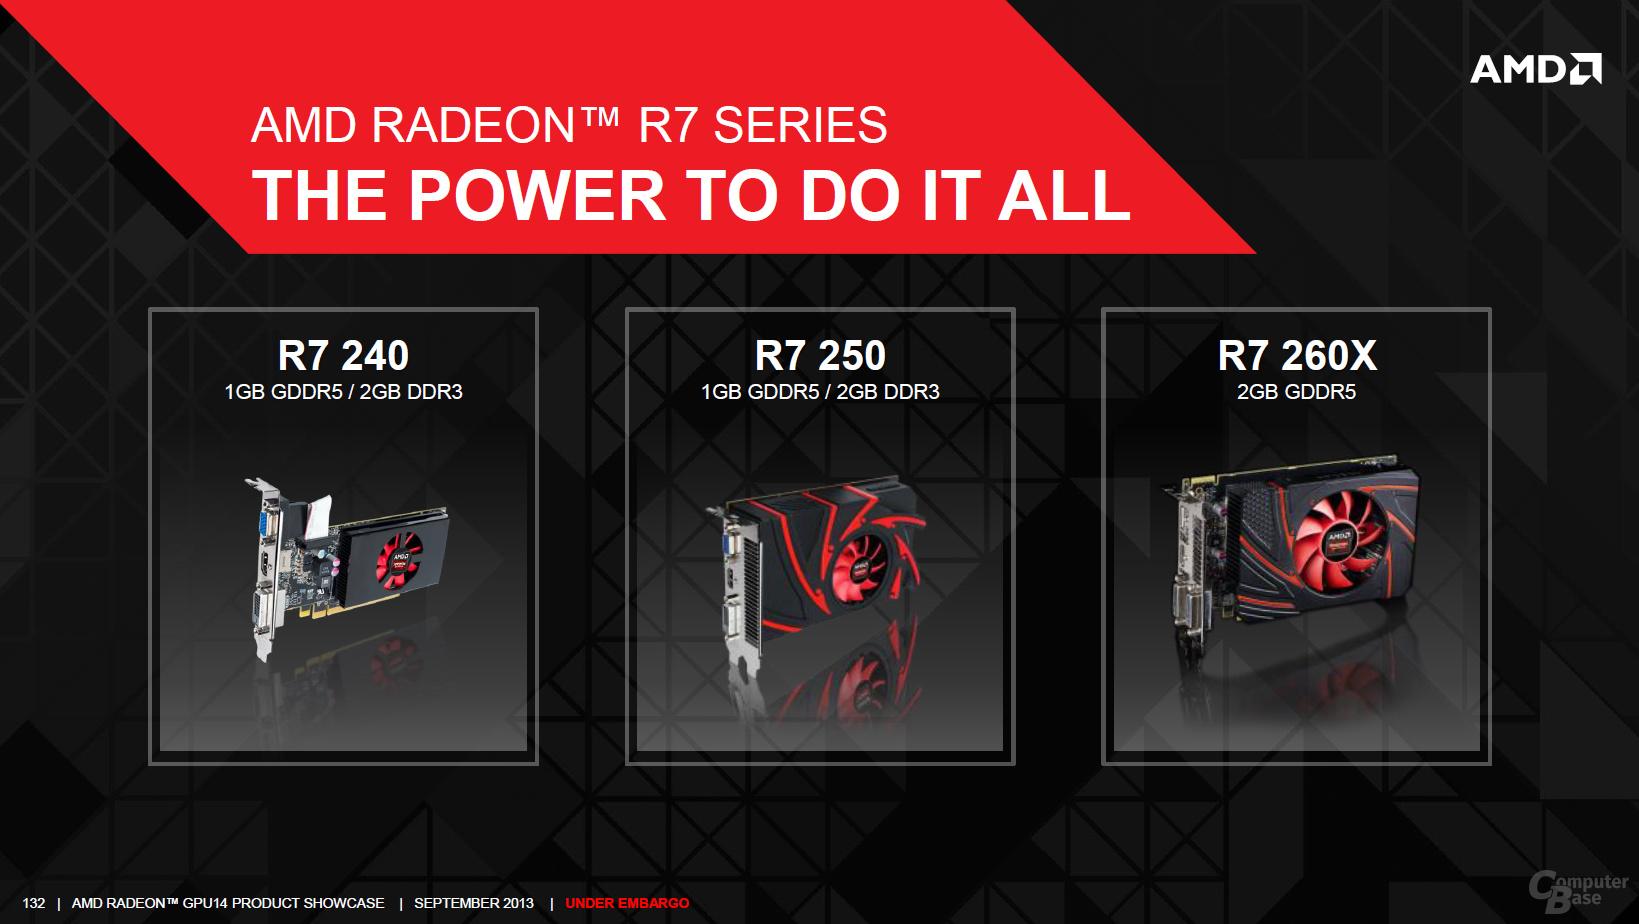 AMD Radeon R7-Familie: 260X, 250 und 240